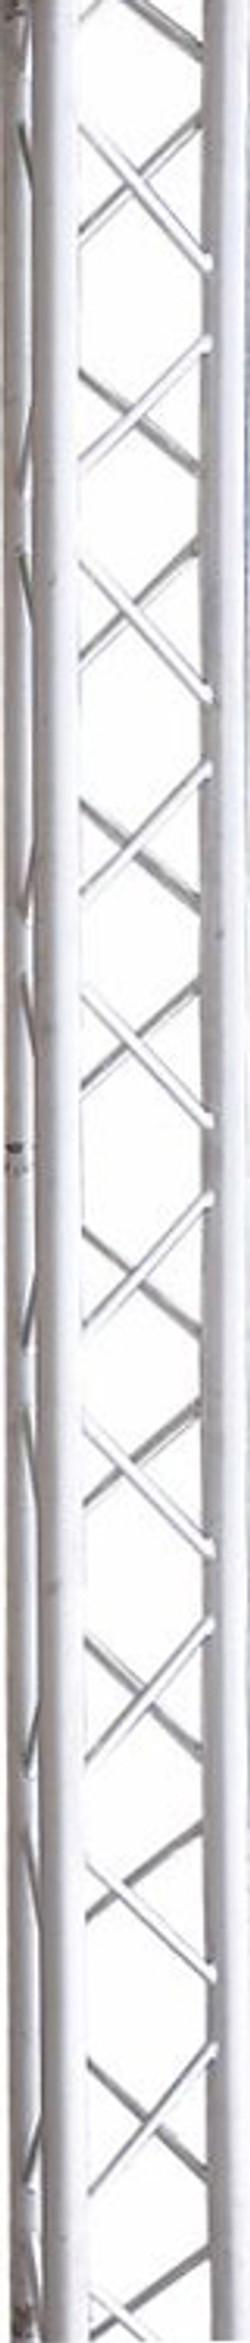 truss vertical